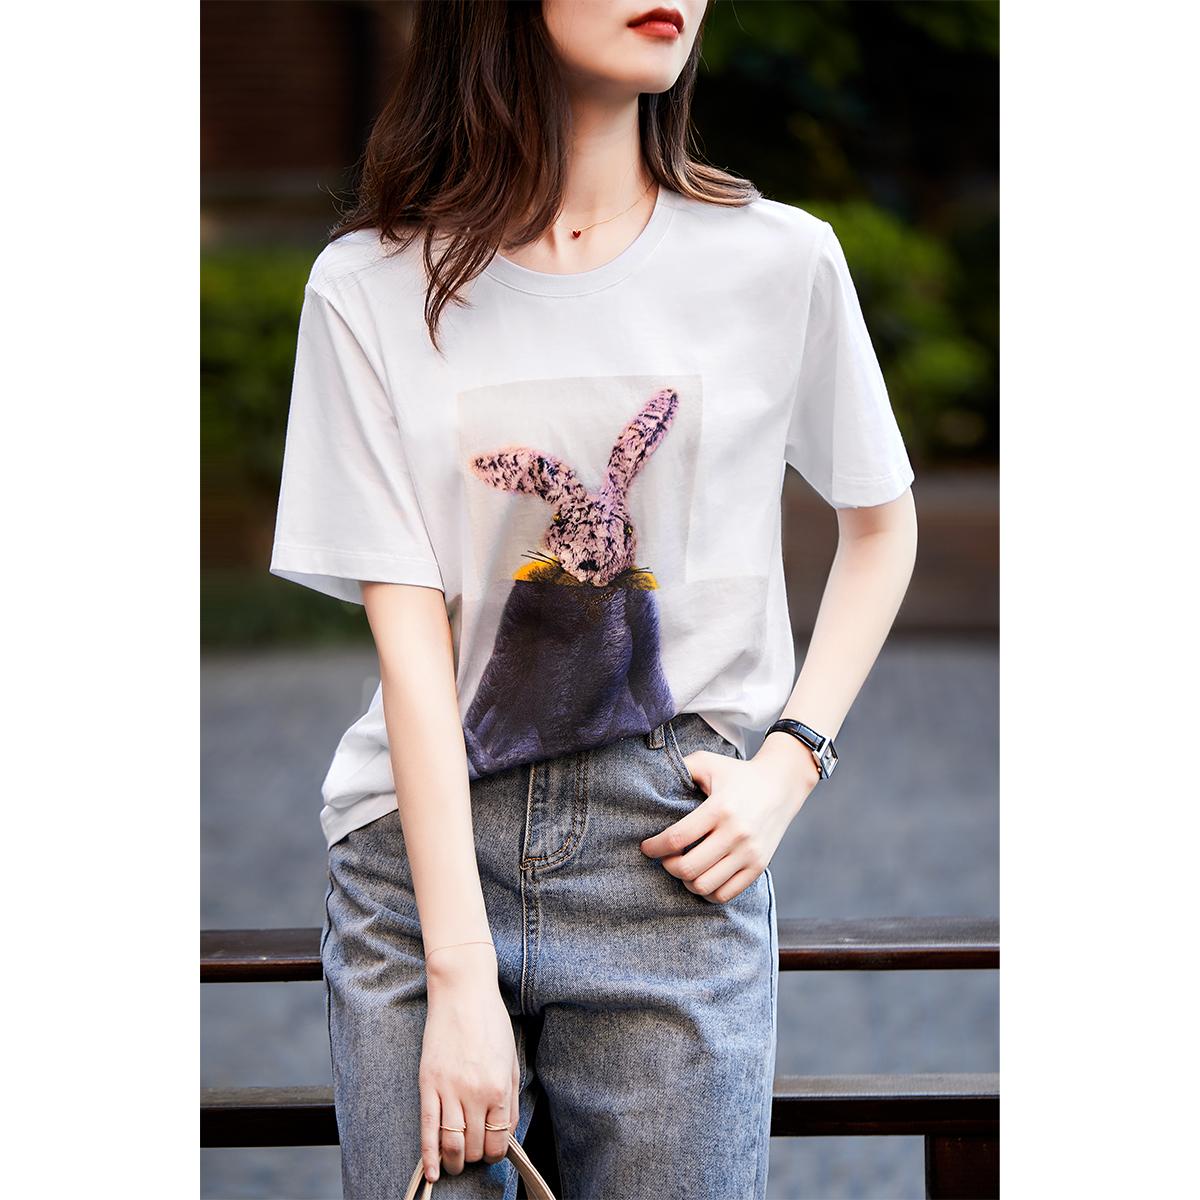 [TX292079MG] 笑涵阁  趣味萌兔印花图案 宽松纯棉圆领短袖T恤